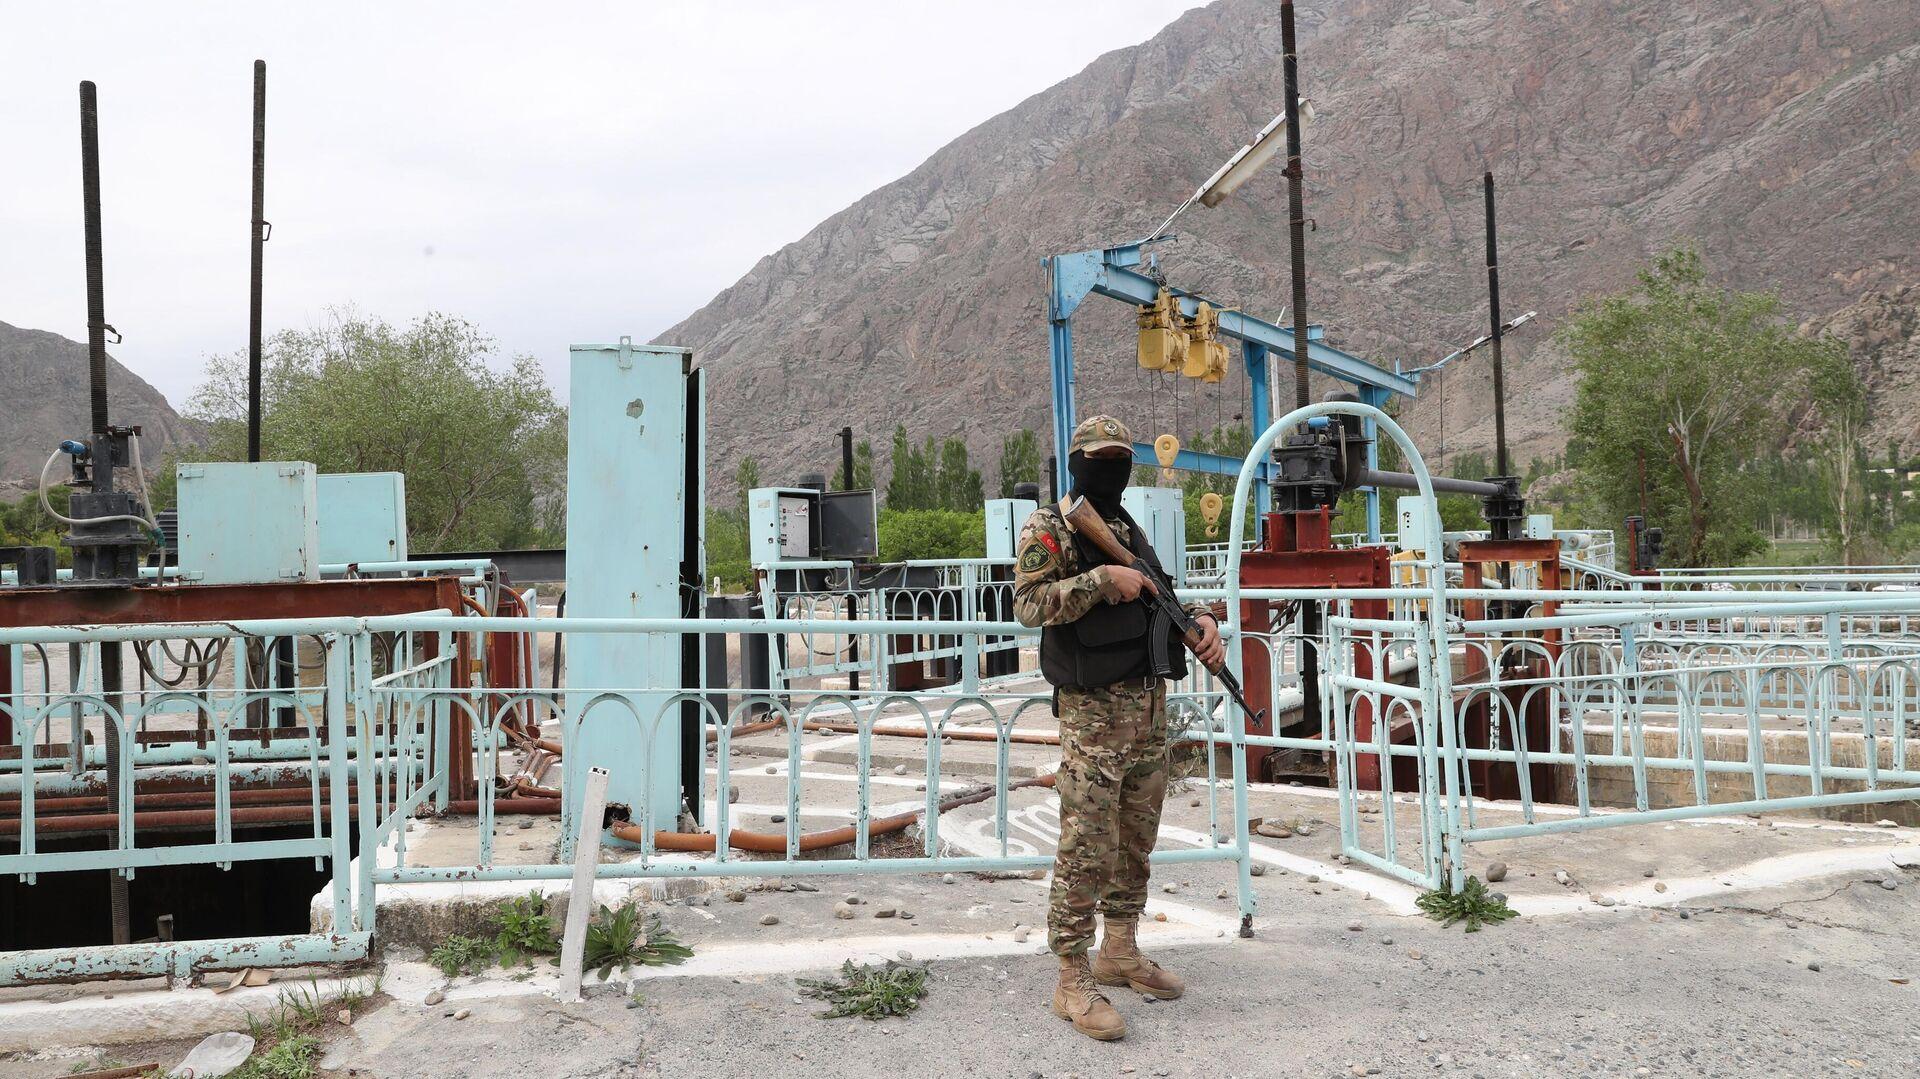 Военнослужащий вооруженных сил Киргизии охраняет водозабор Головной в приграничном с Таджикистаном селе Кок-Таш - РИА Новости, 1920, 08.07.2021